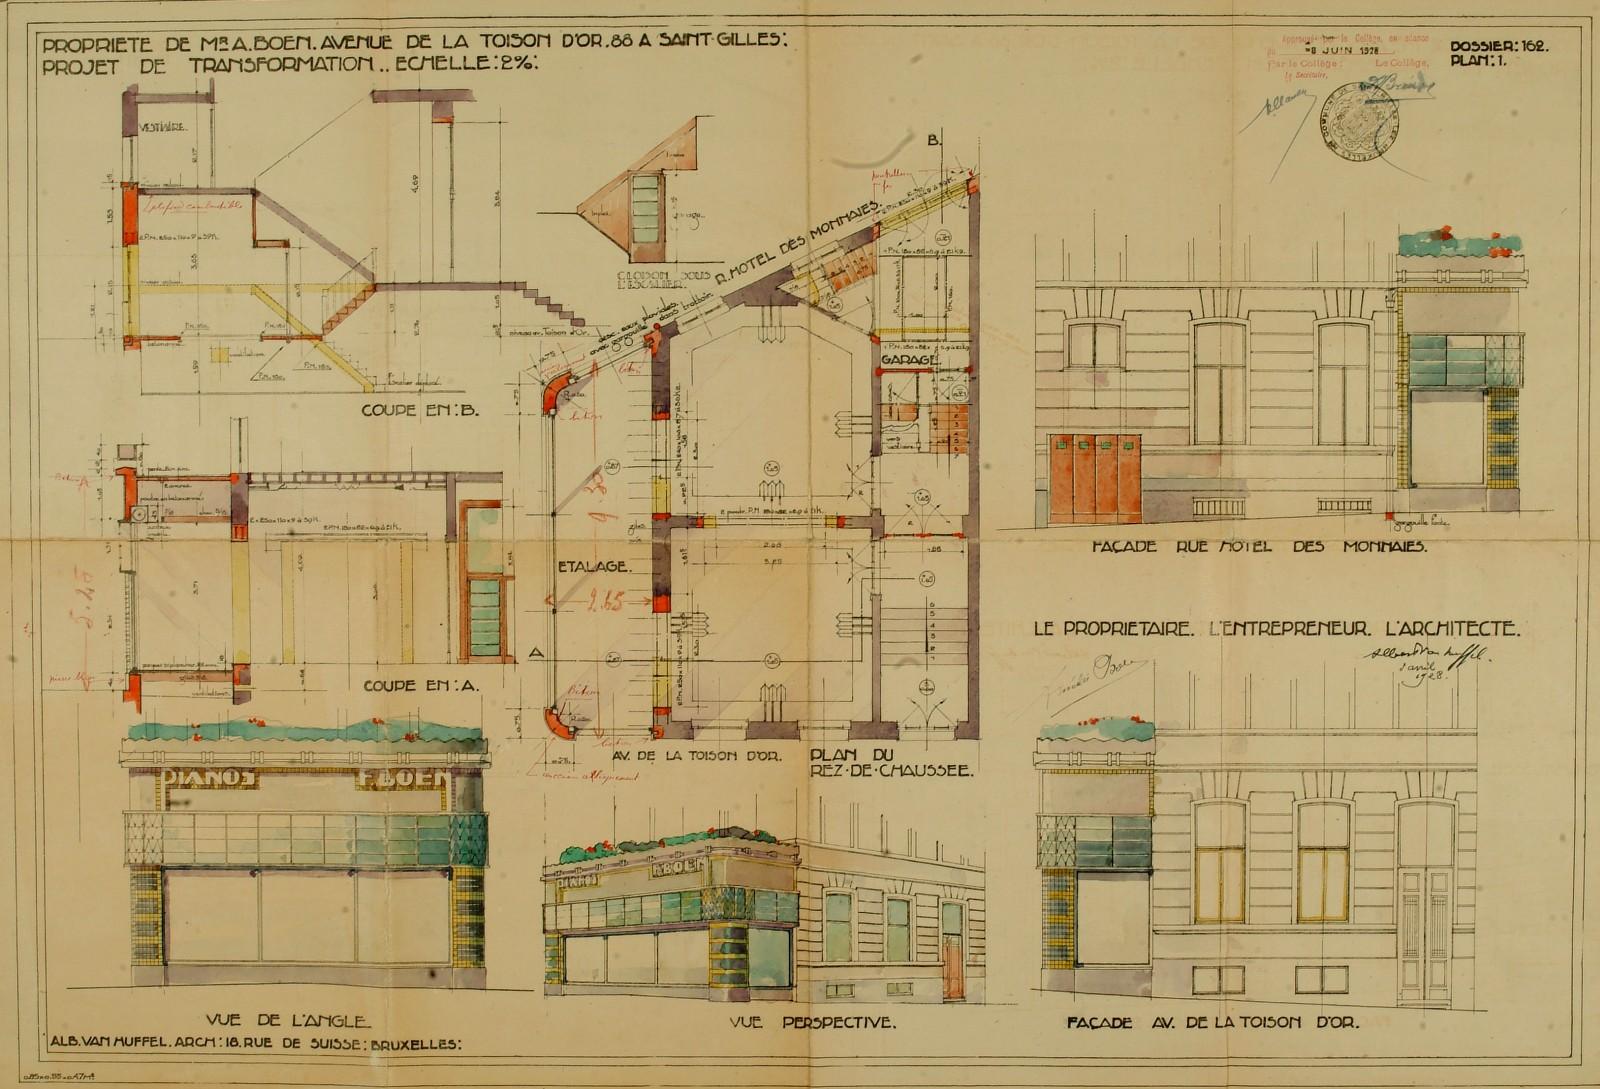 Avenue Henri Jaspar 88, plans des transformations de 1928, ACSG/Urb. 142 (1928).